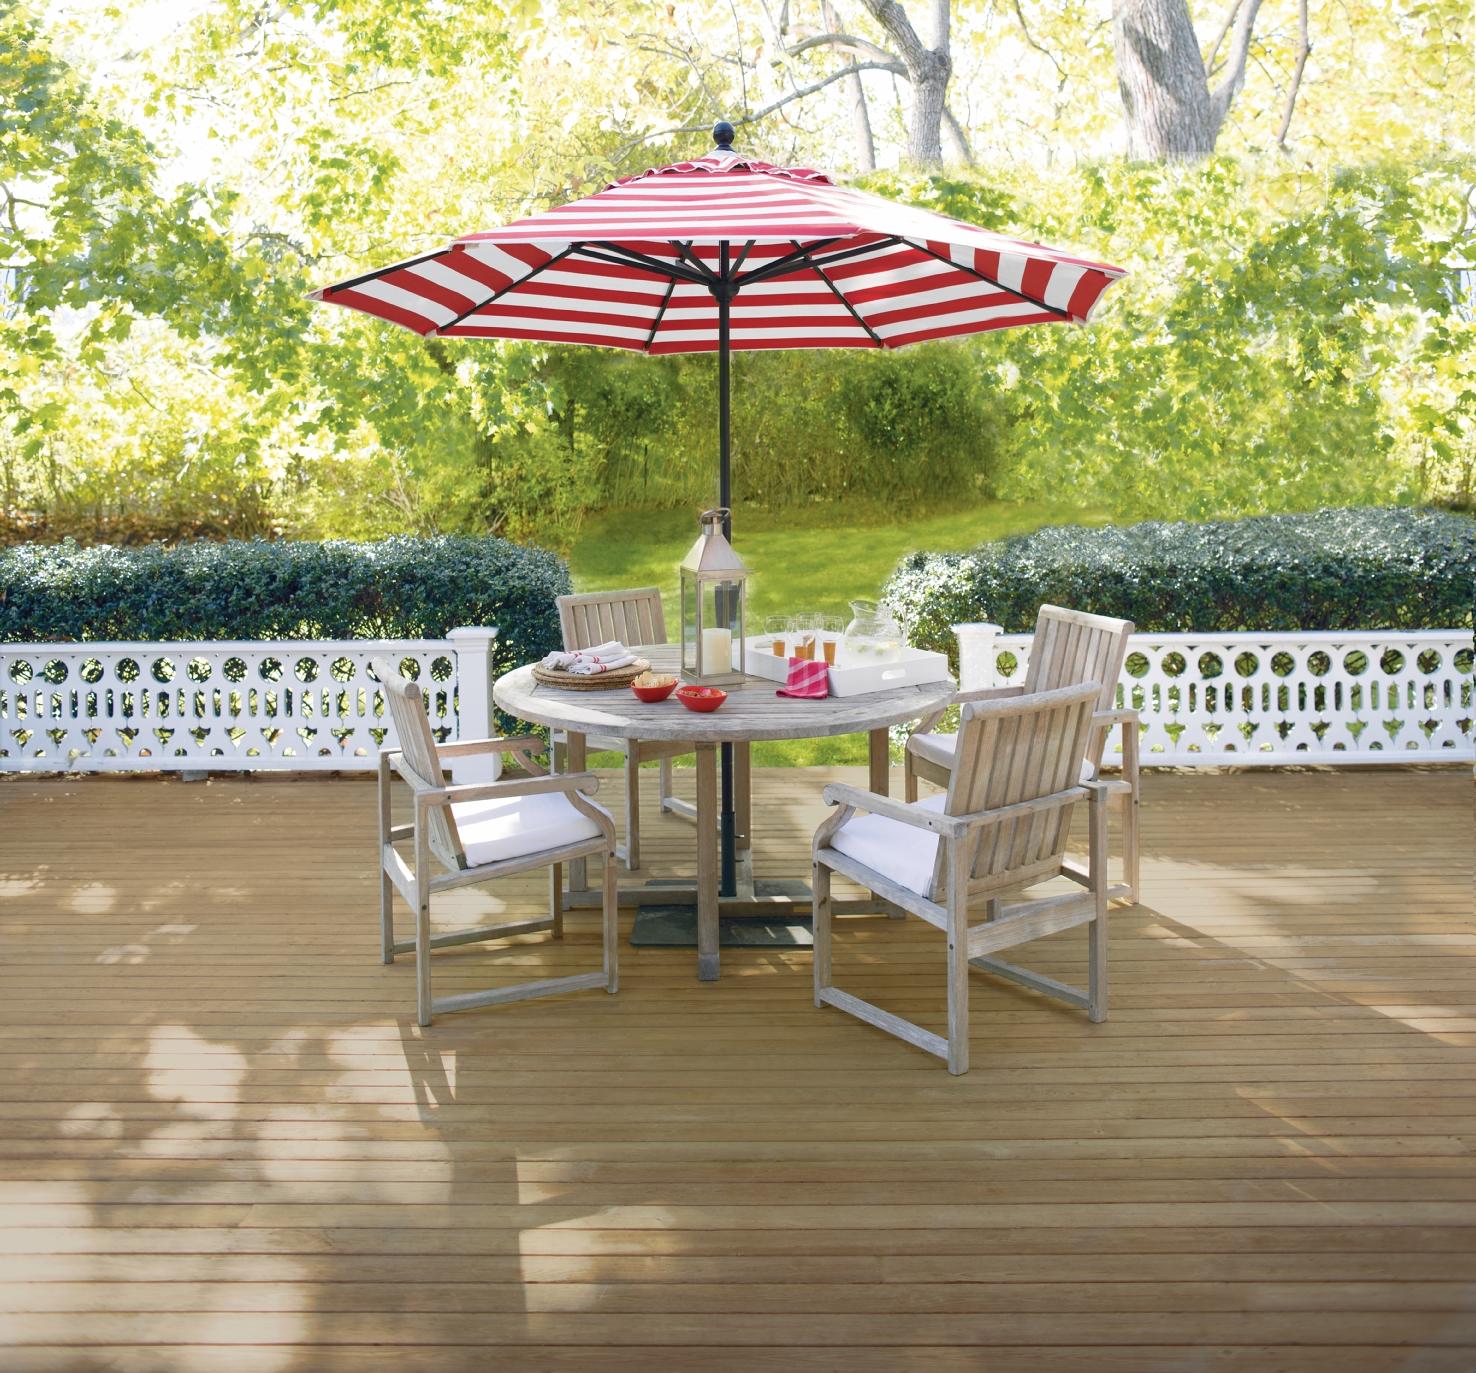 Deck with table & umbrella- Arborcoat Semi-Transparent Fairview Taupe